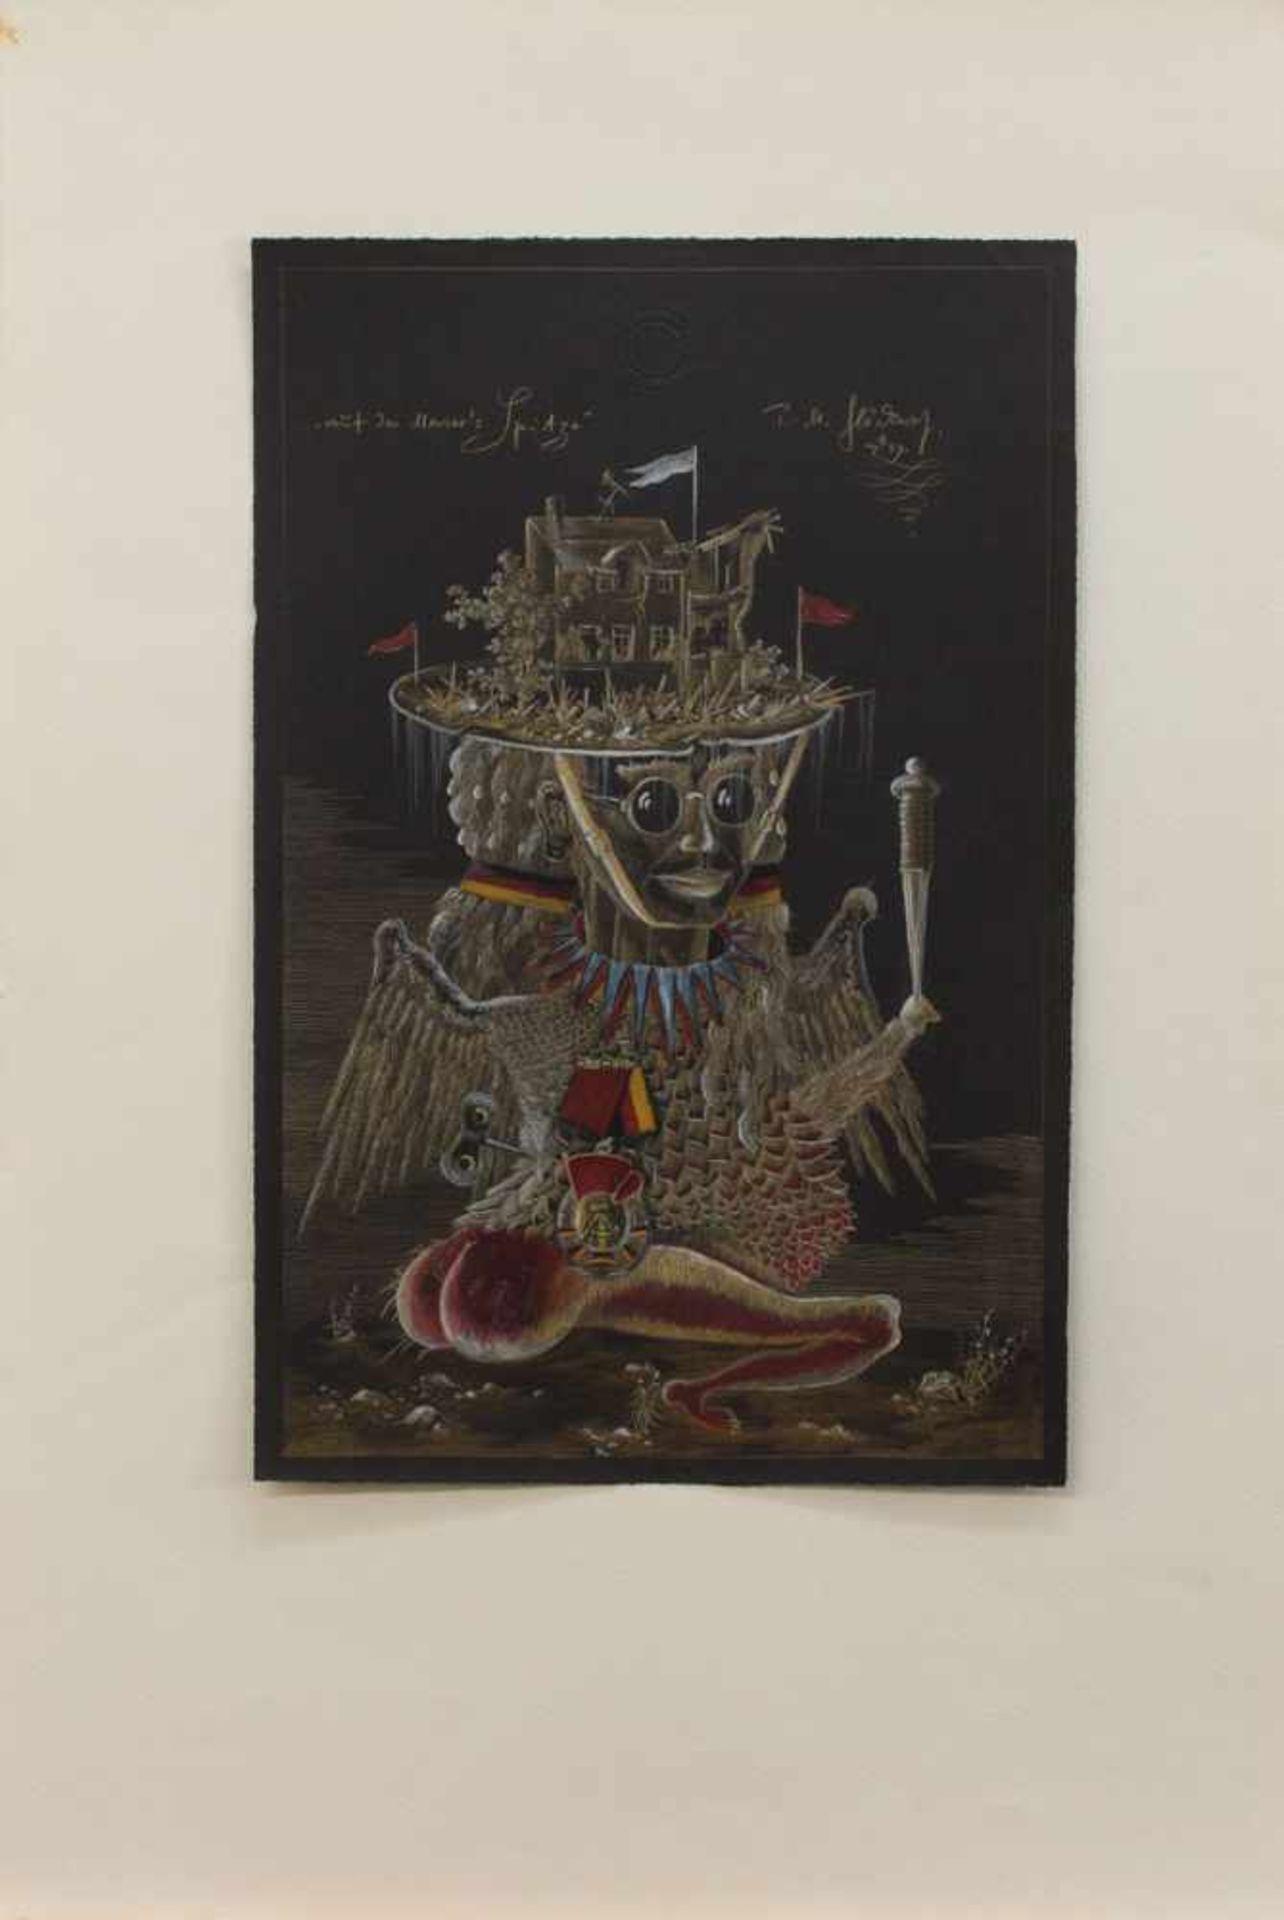 Peter Michael Glöckner(Hohenedlau 1950 - 2010, deutscher Maler u. Grafiker, Ausbld. in Halle/ Burg